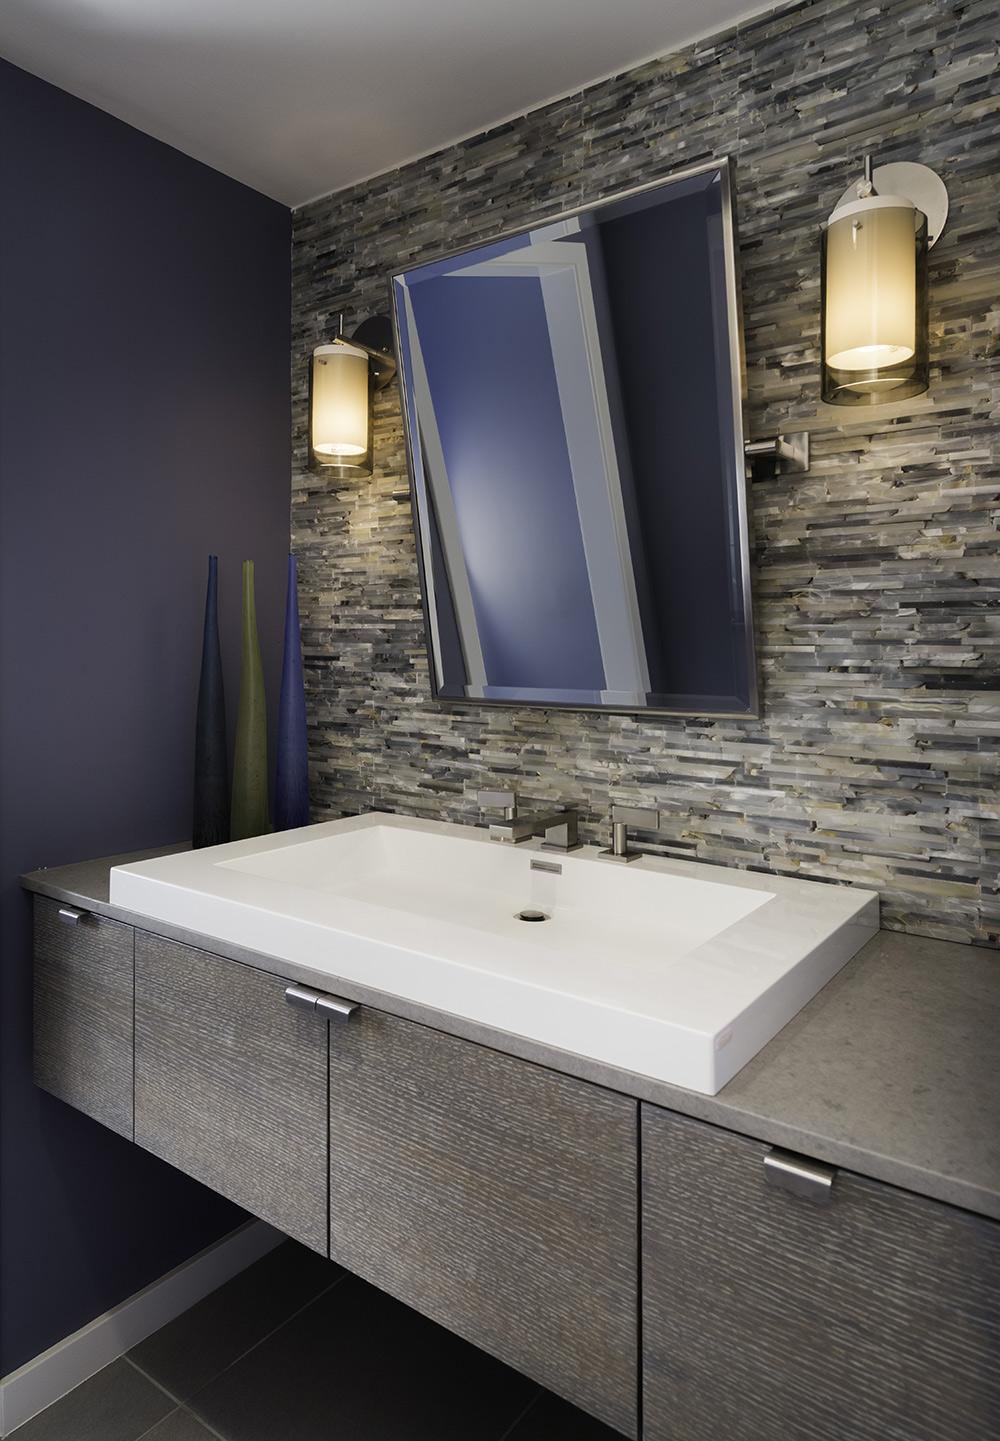 Kitchen Bath Remodel Gives Mid Century Home Modern Updates: Bathroom, Sink, Mirror, Mid-Century Modern House In